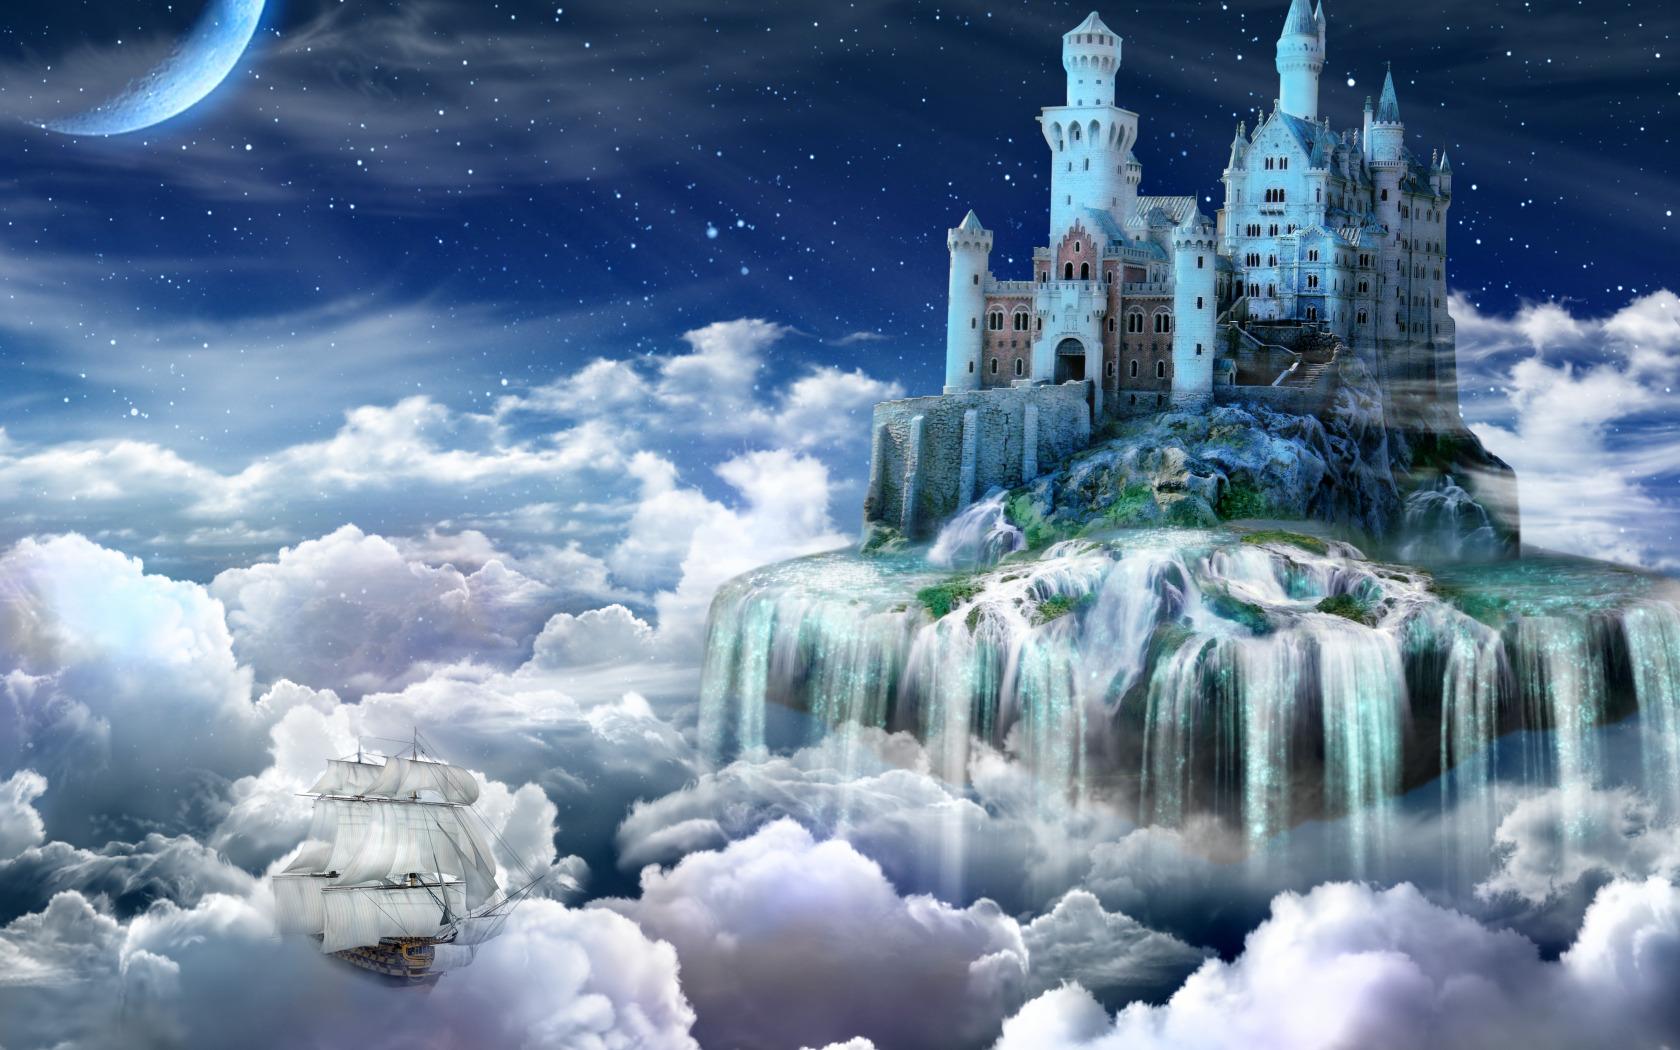 эволюции картинки фантастическое небо гиф касательно